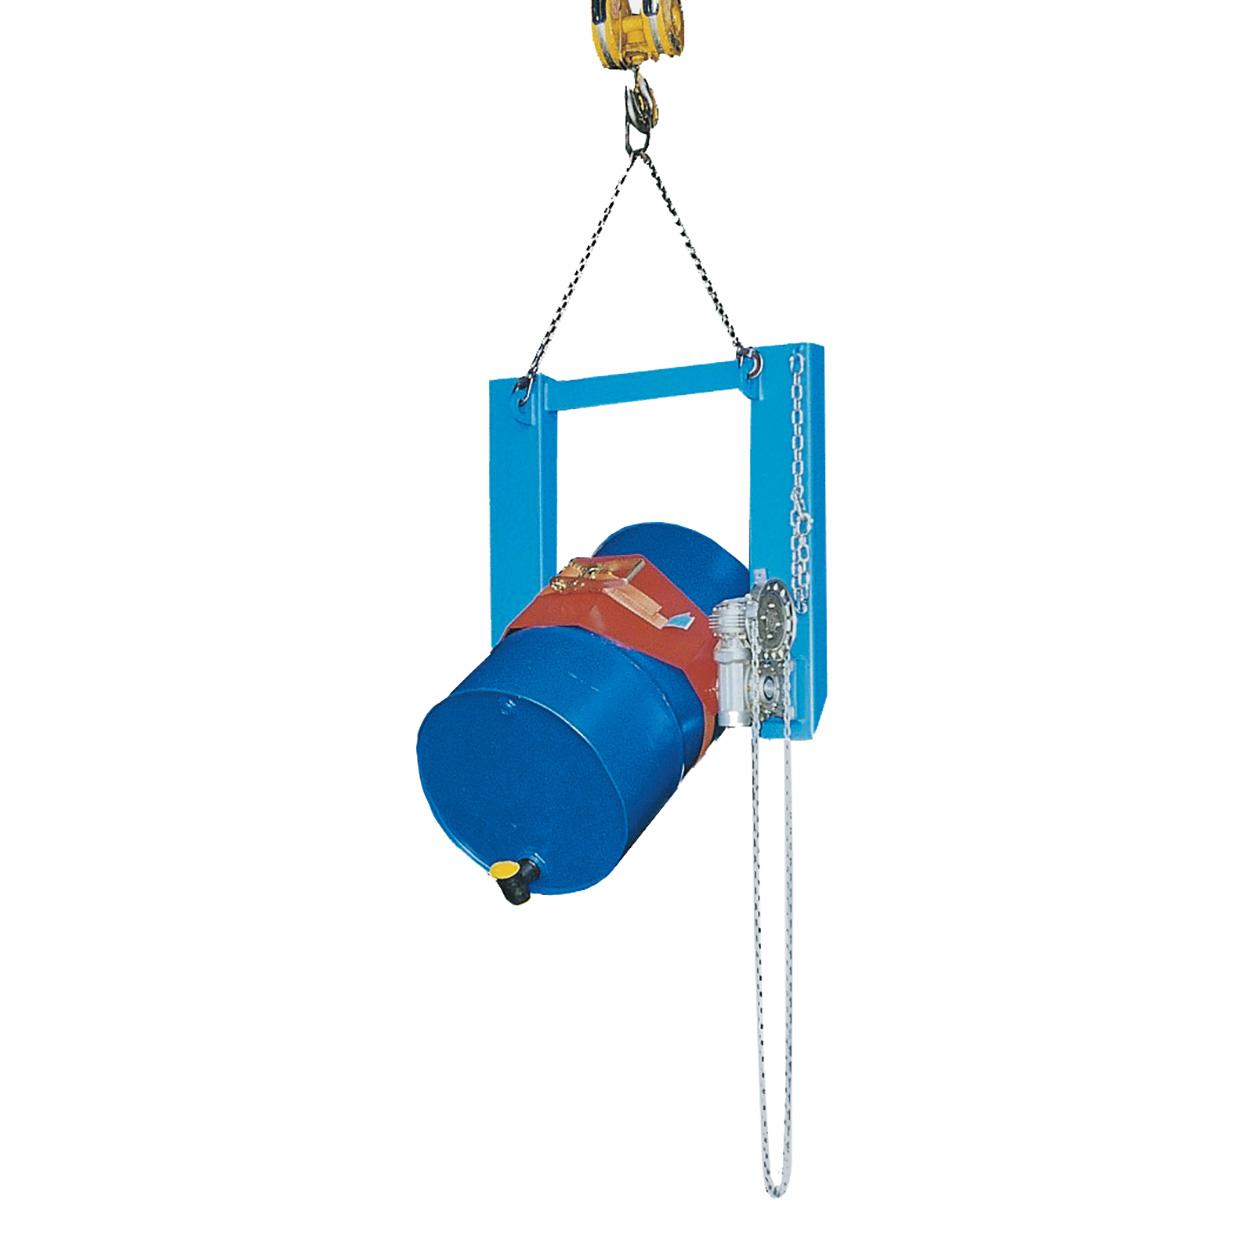 Vyklápěč sudů s mechanismem otáčení řetězem